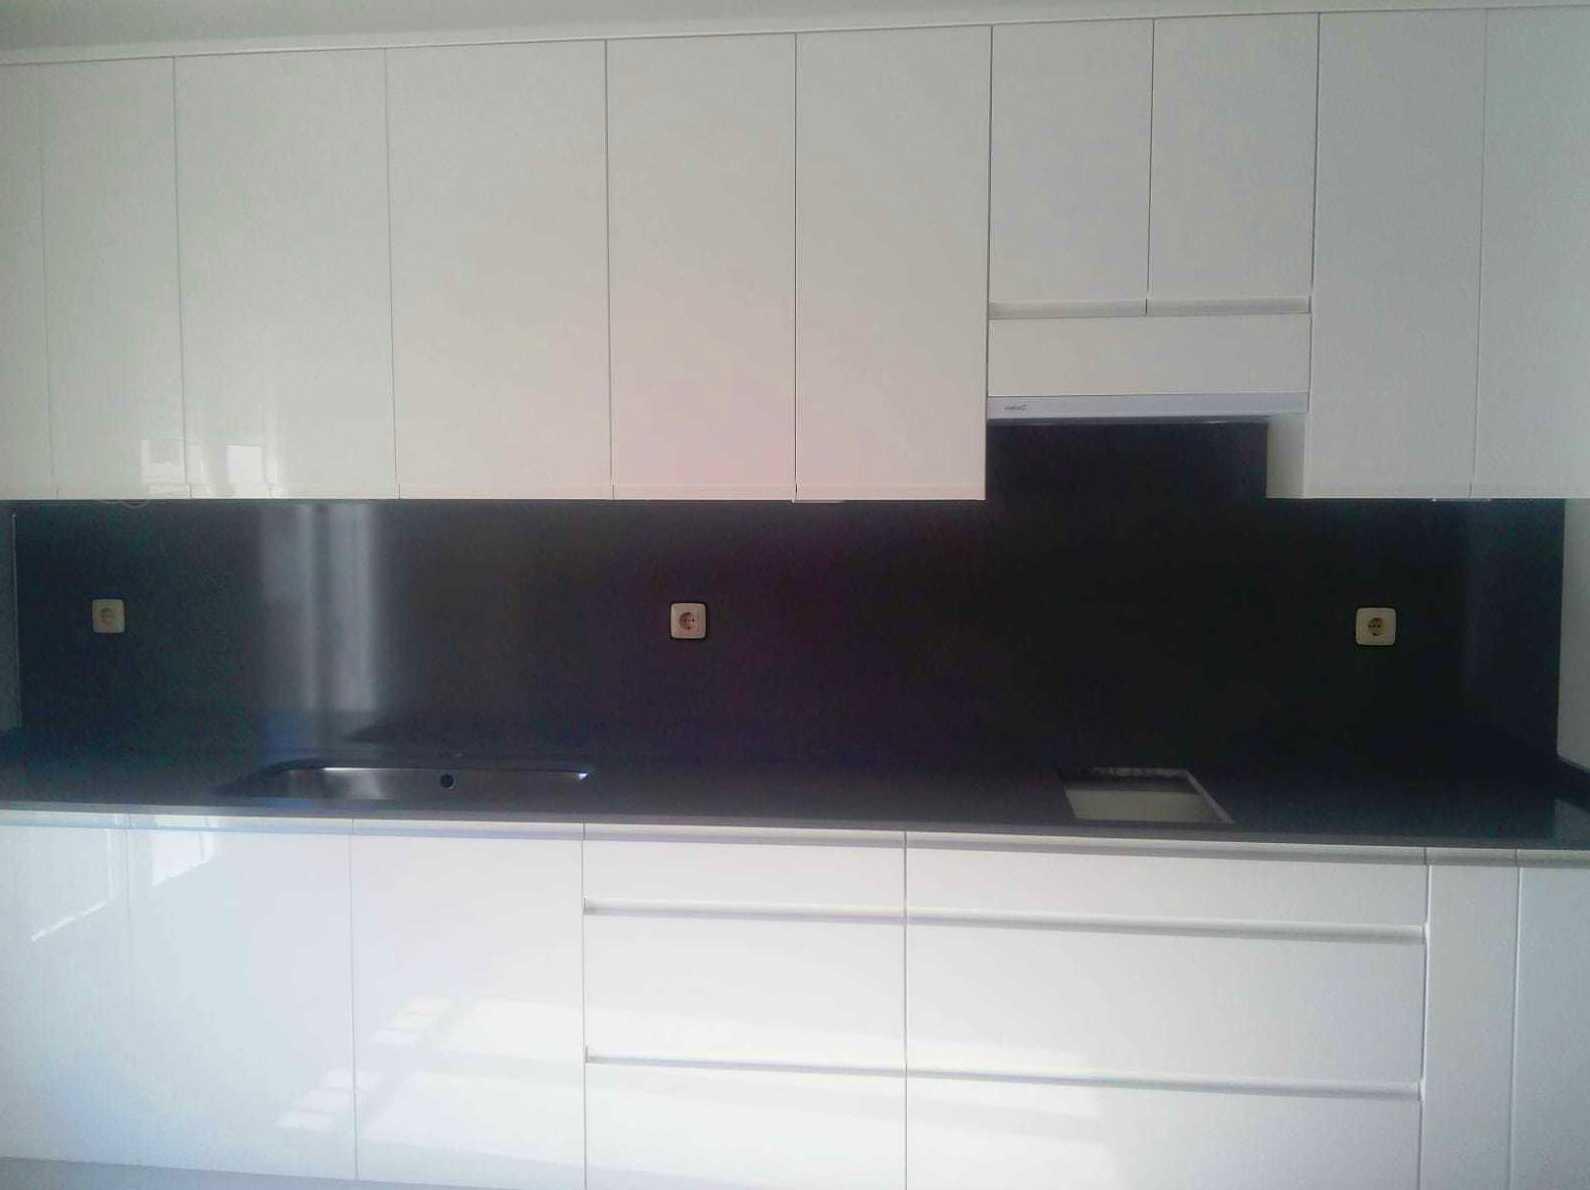 DURAN COCINAS - Fabricación e instalación de cocinas en Plasencia.